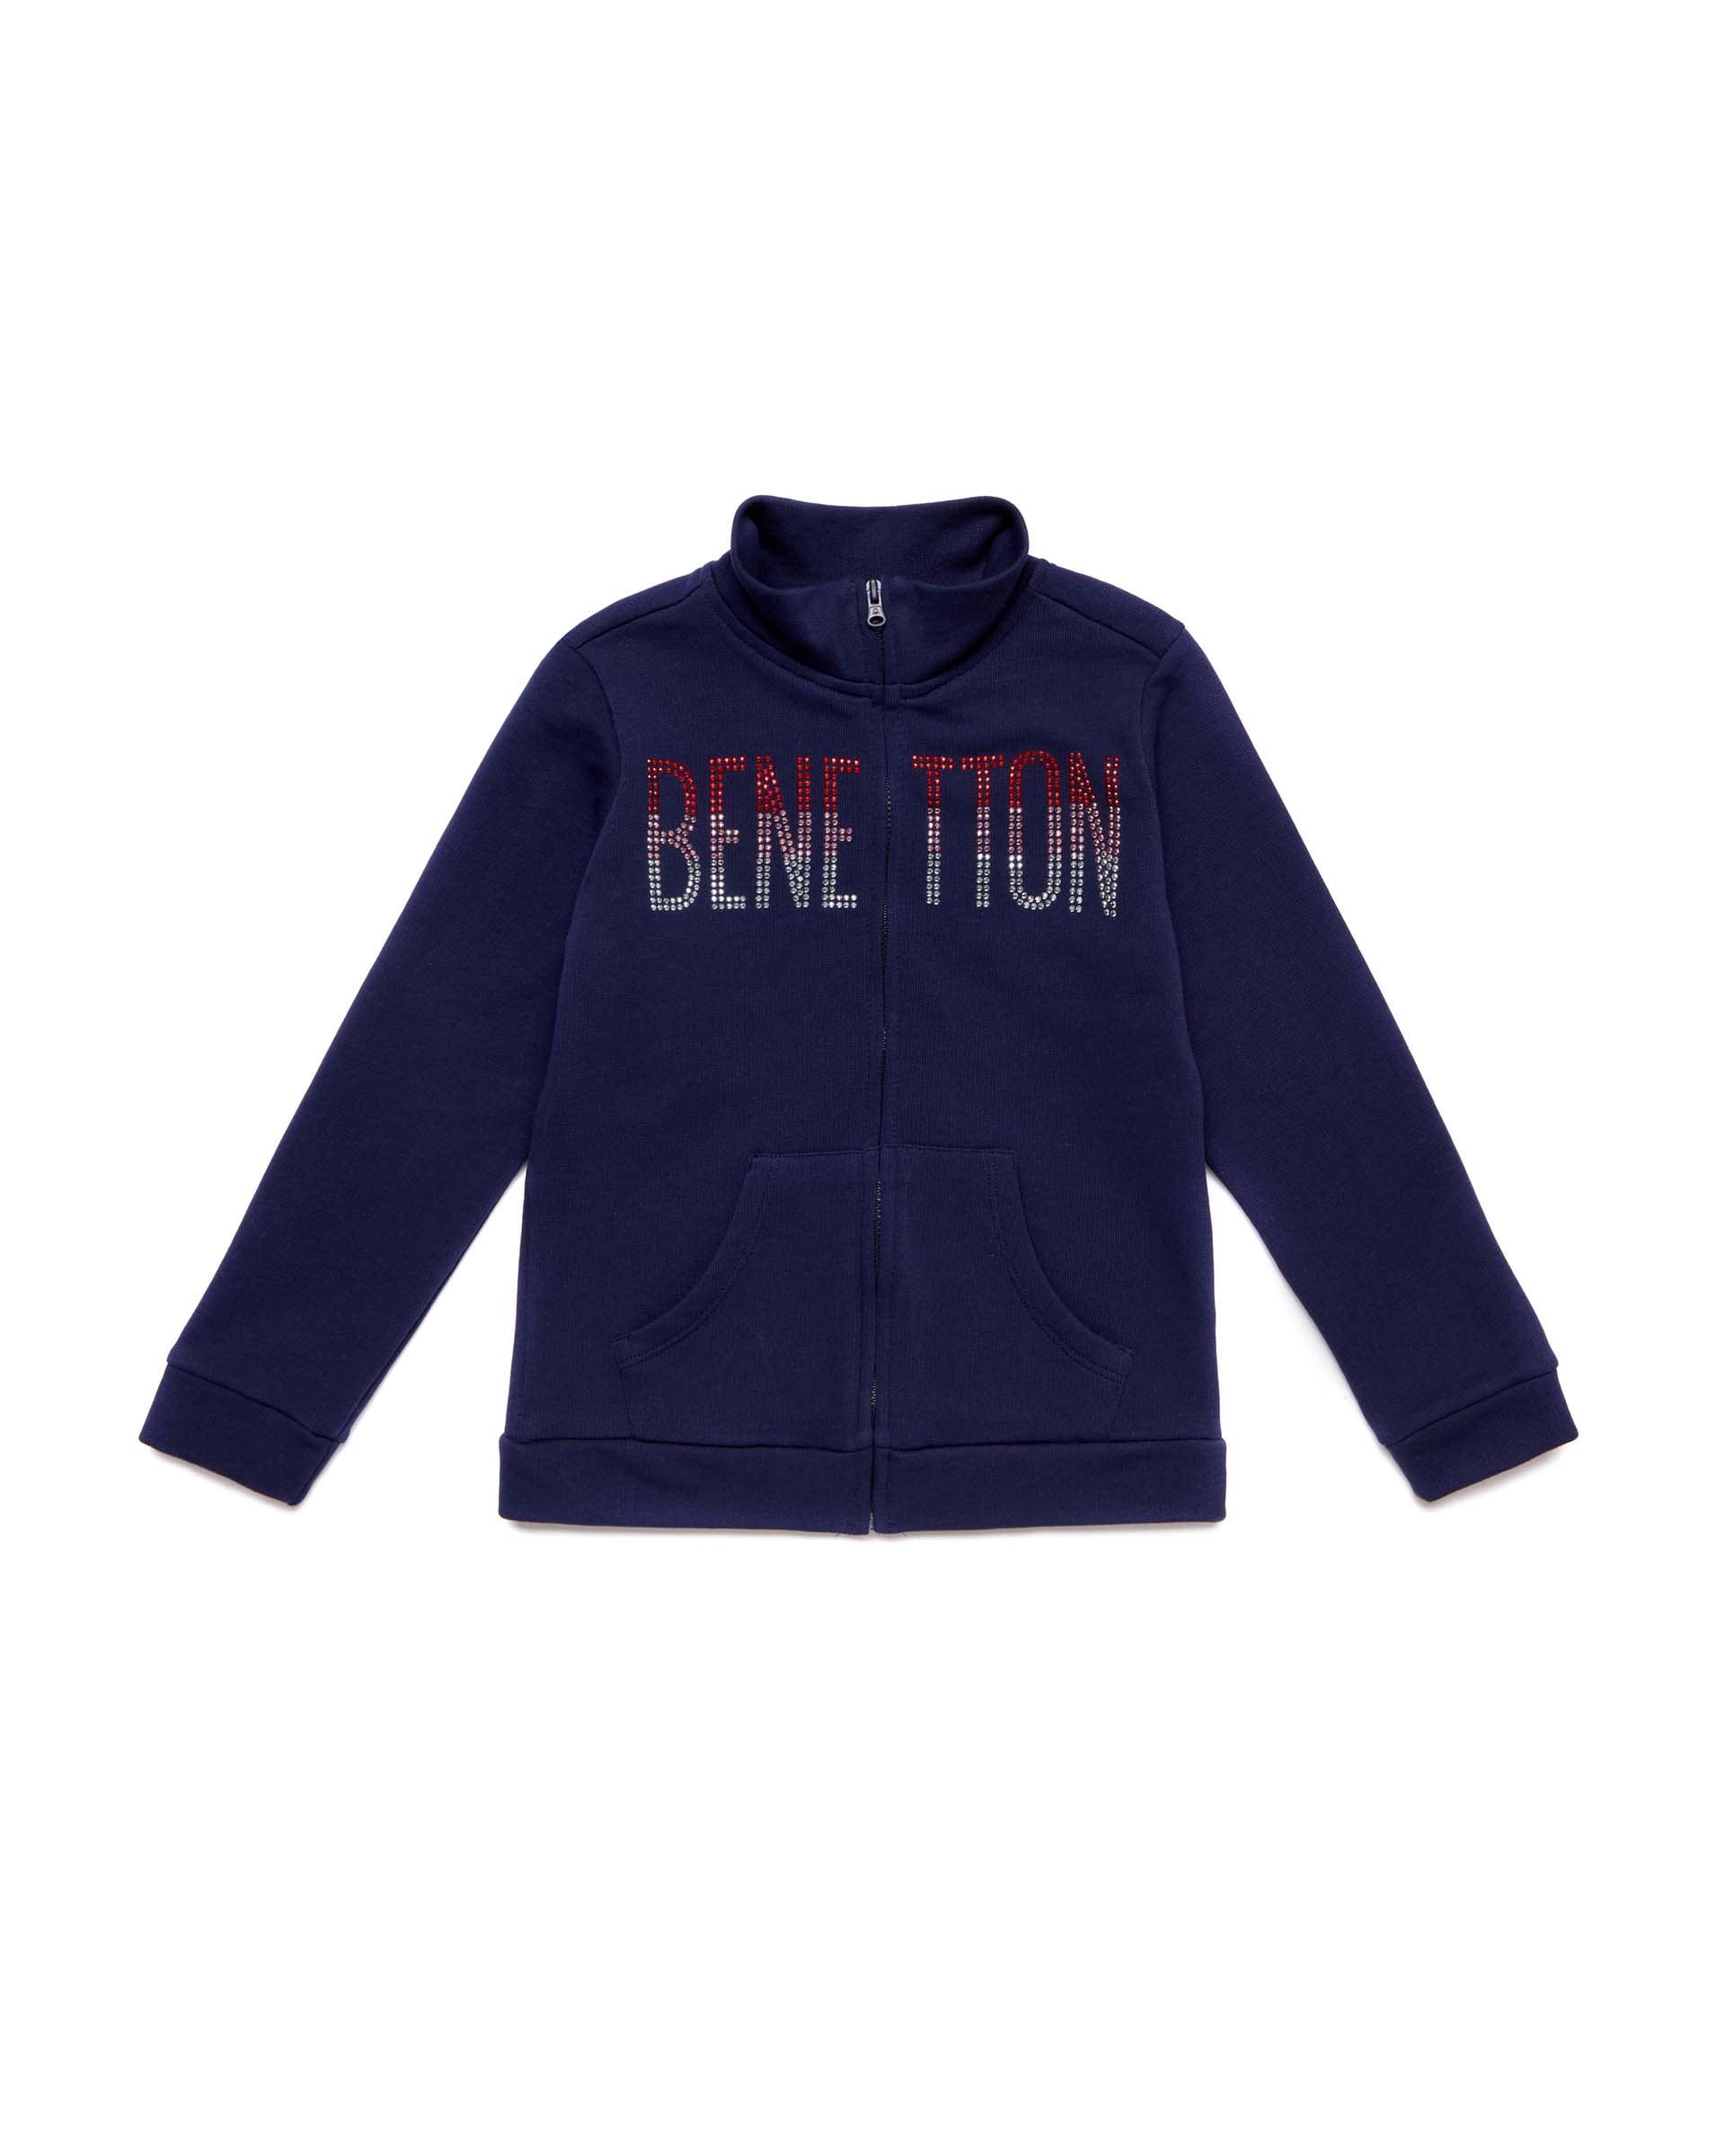 Купить 20P_3J68C5793_252, Толстовка для девочек Benetton 3J68C5793_252 р-р 128, United Colors of Benetton, Толстовки для девочек